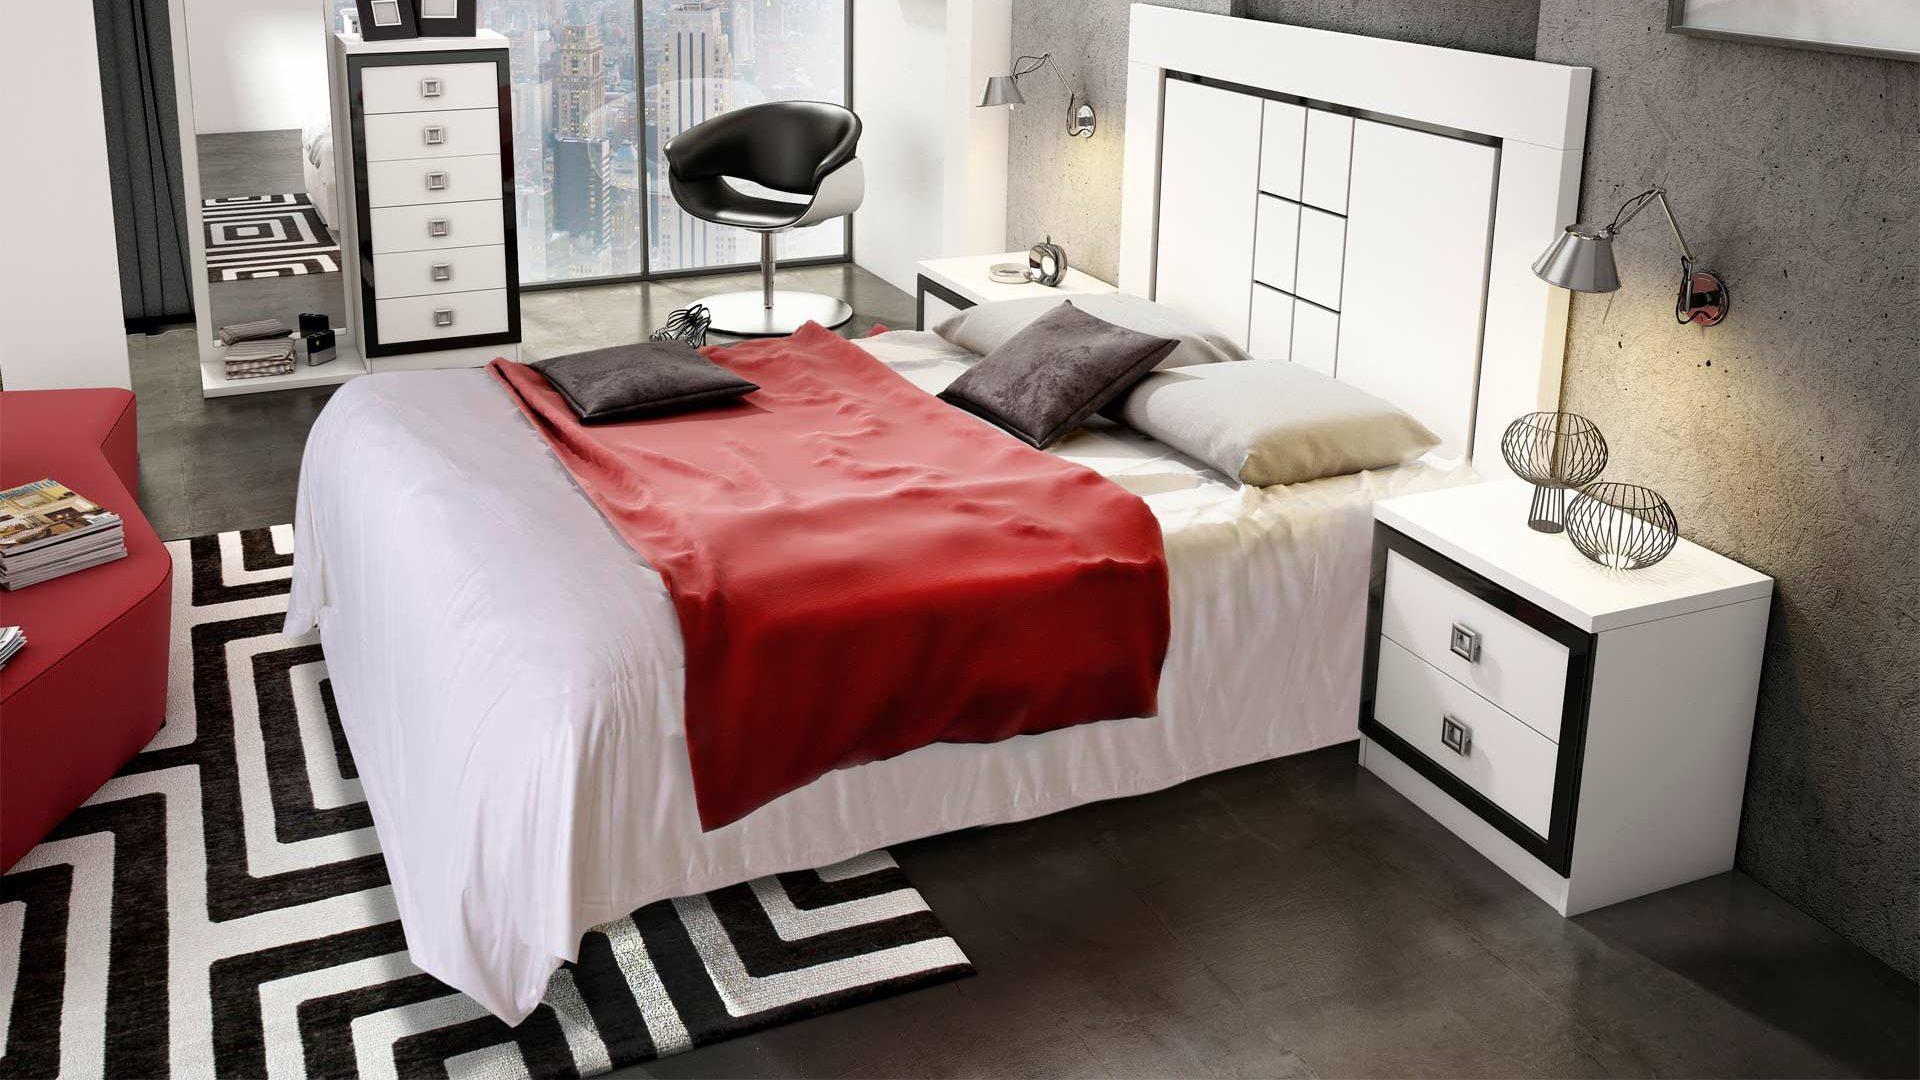 Comercial Mavic: venta de muebles y electrodomésticos